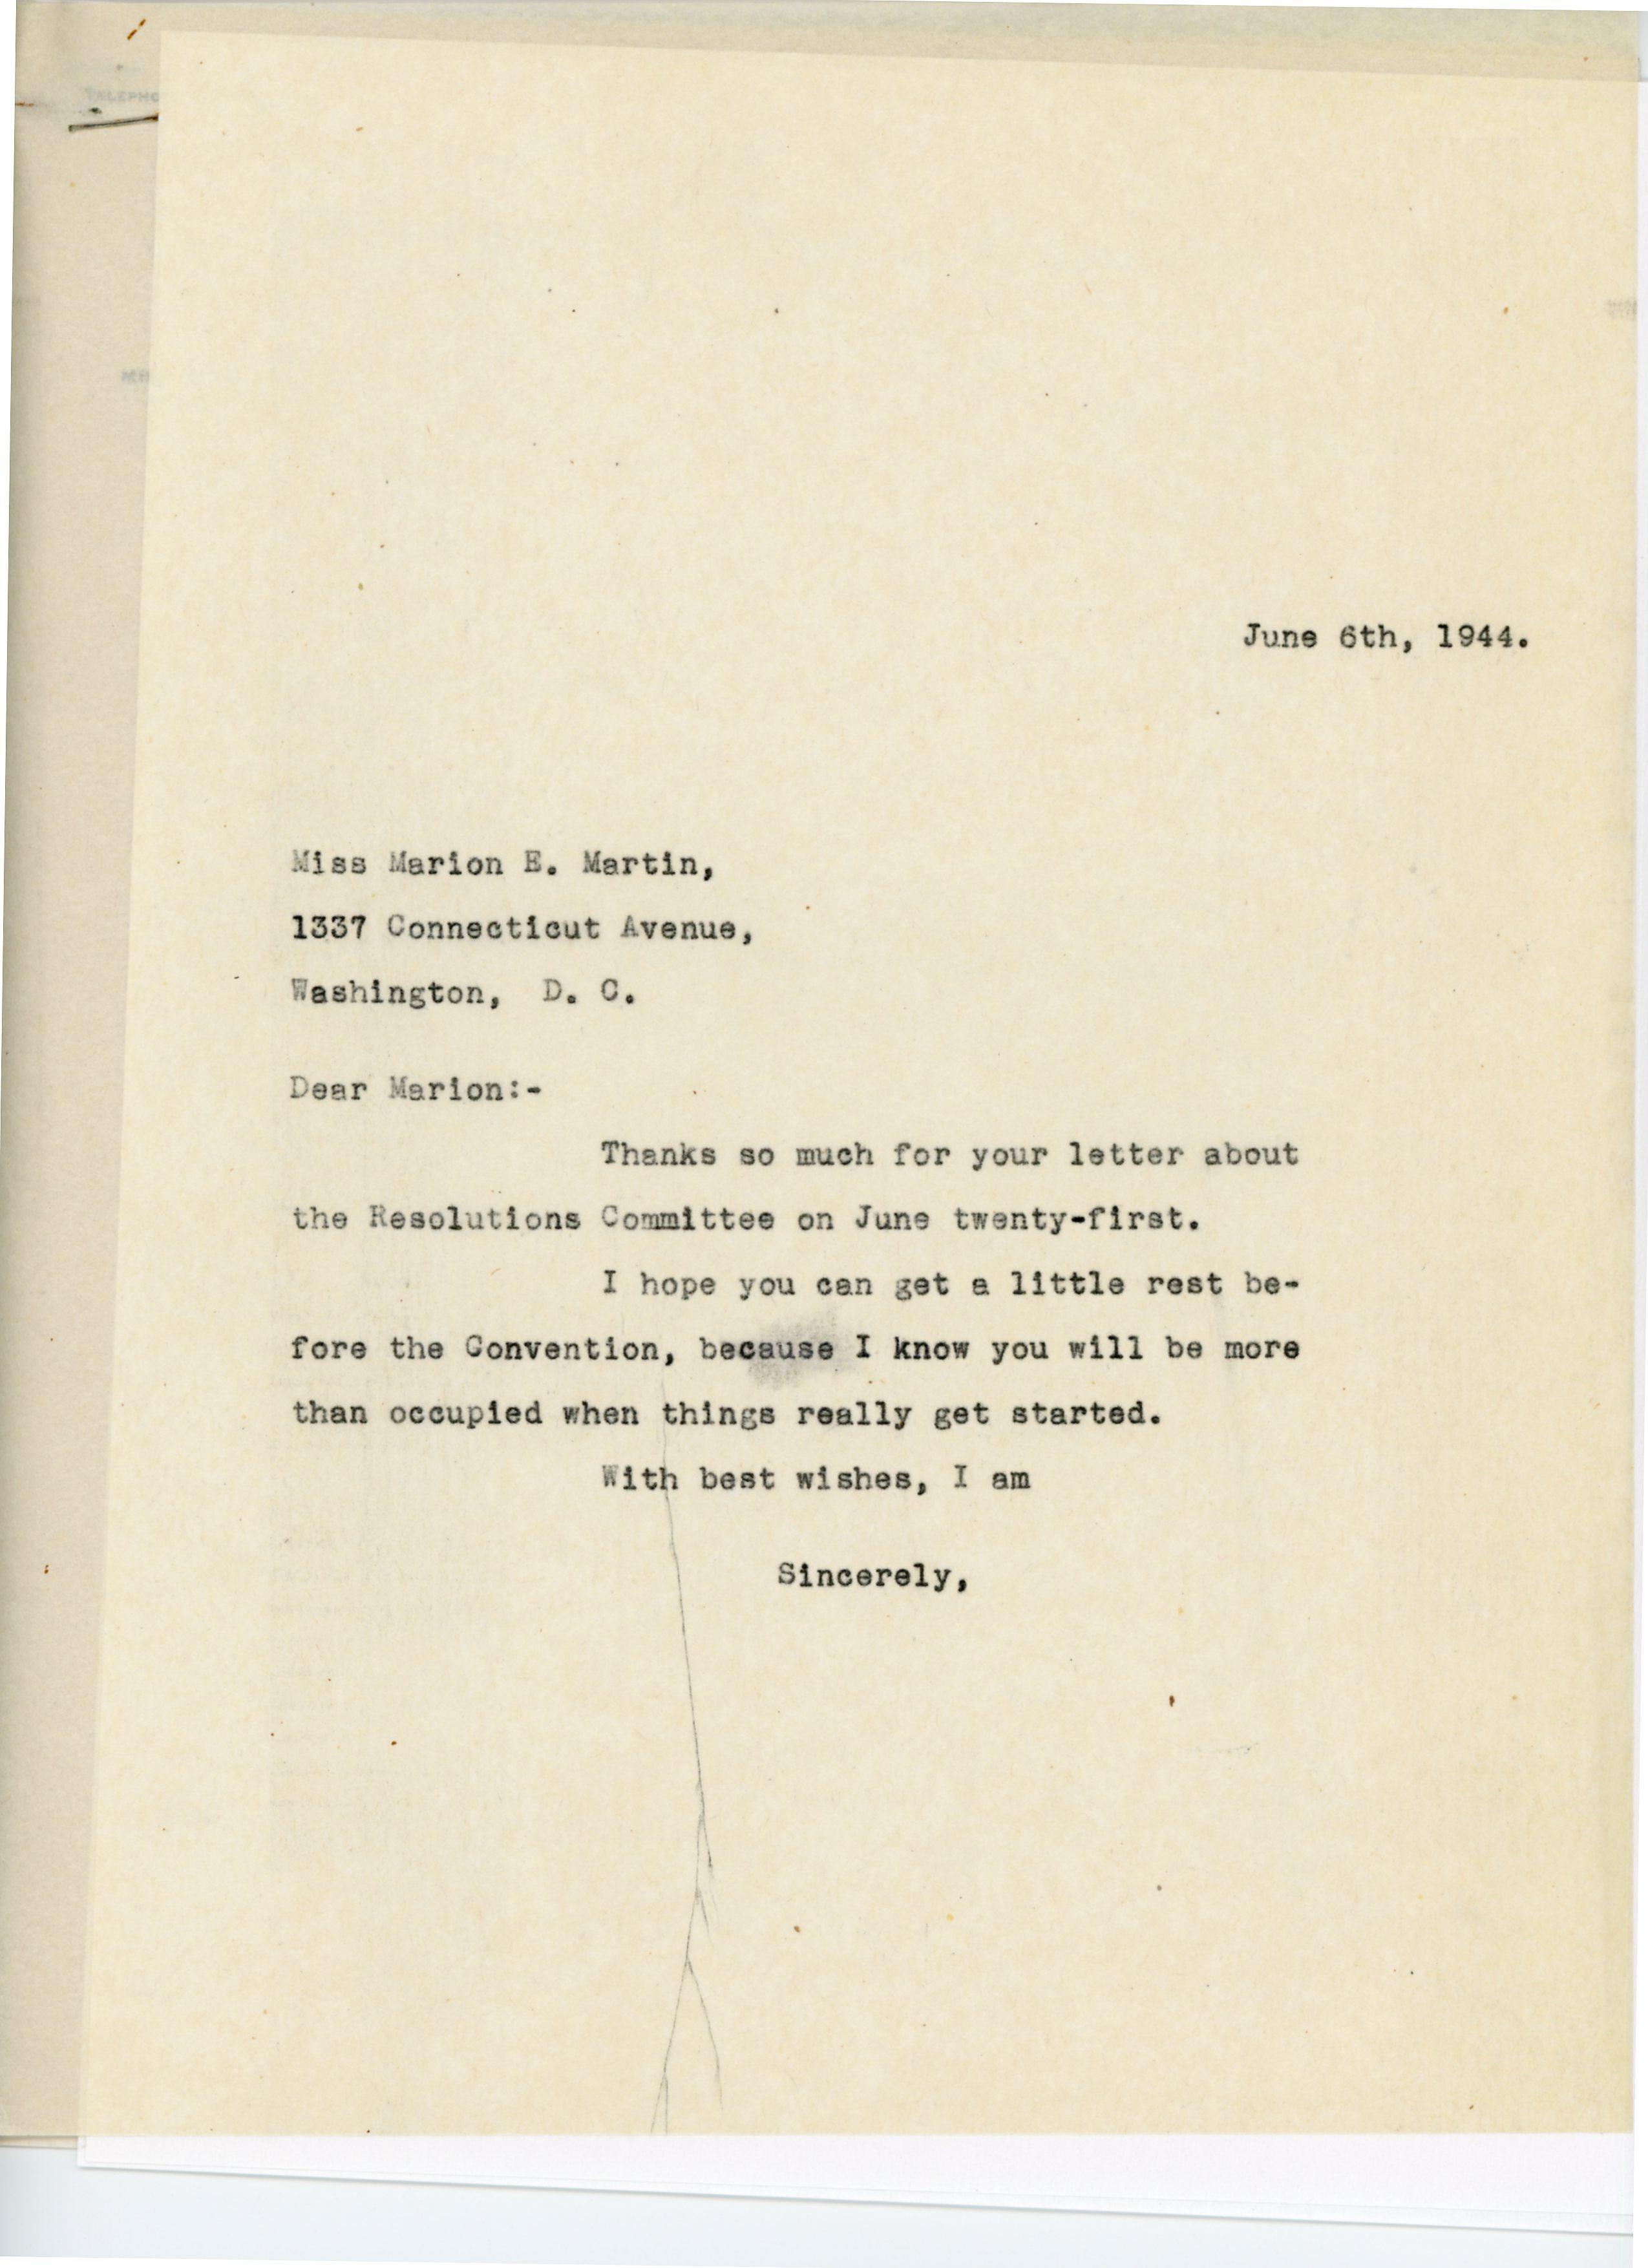 Consuelo N. Bailey to Marion E. Martin 1944 June 6